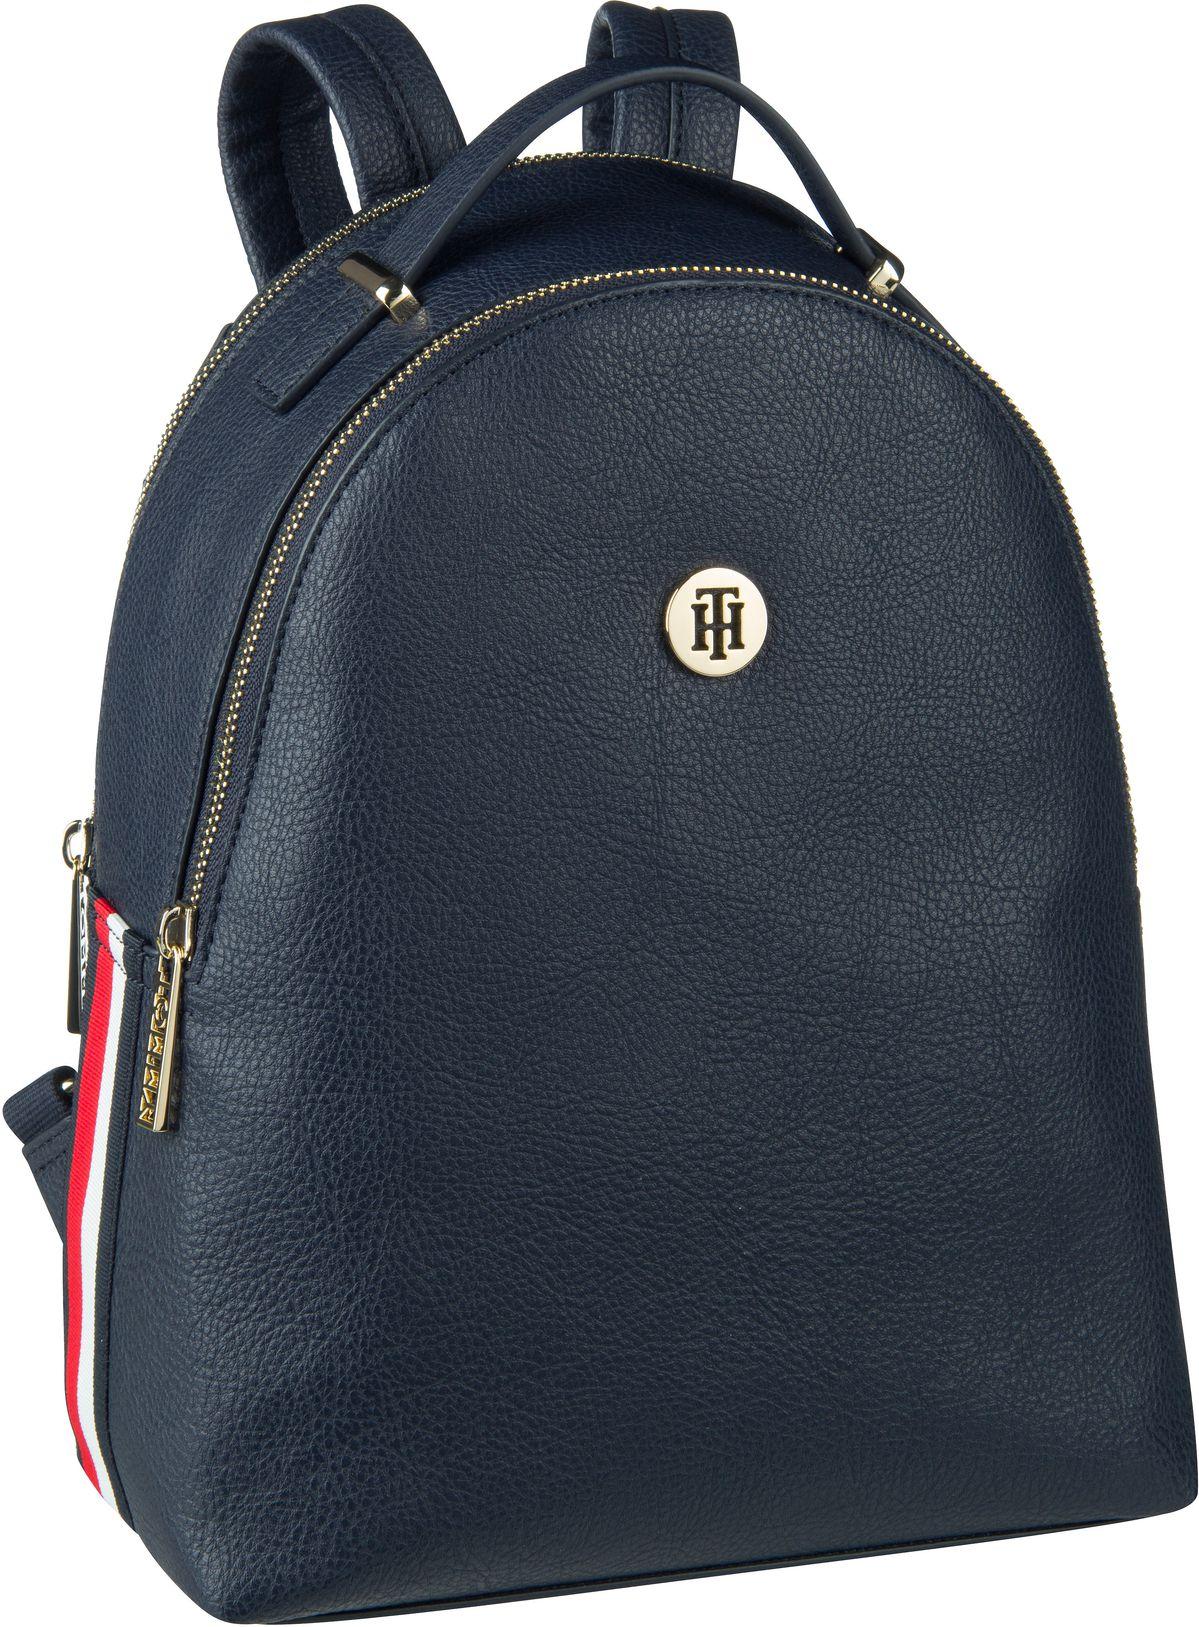 Rucksack / Daypack TH Core Mini Backpack Corporate